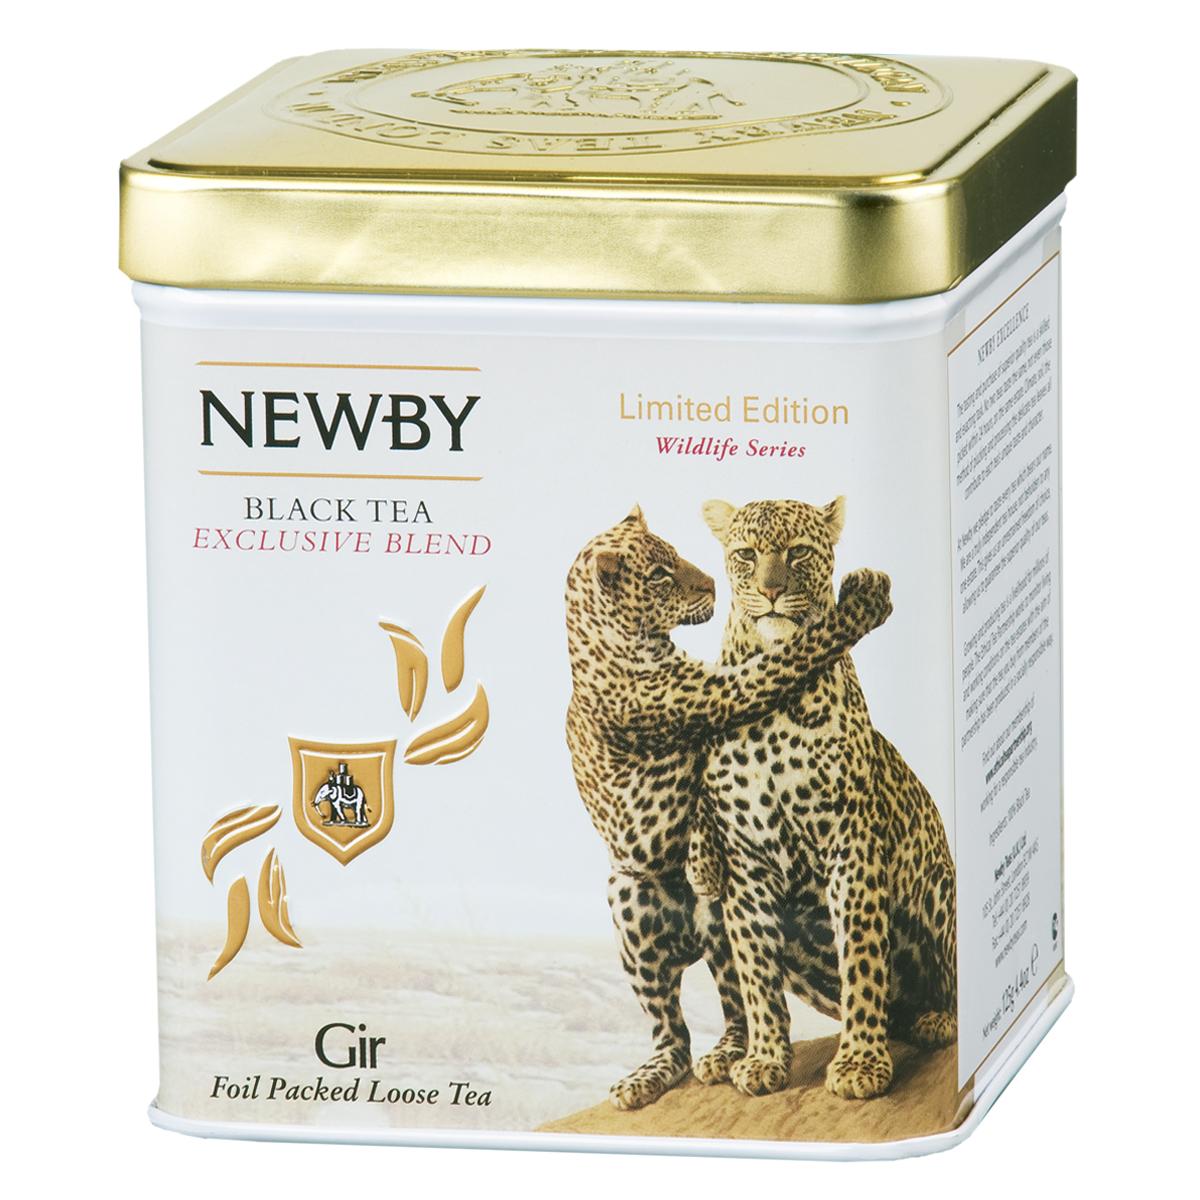 Newby Gir черный листовой чай, 125 г131010Неповторимая смесь премиального черного чая Ассам с золотистыми типсами. Яркий настой с богатым солодовым ароматом и пряным послевкусием.